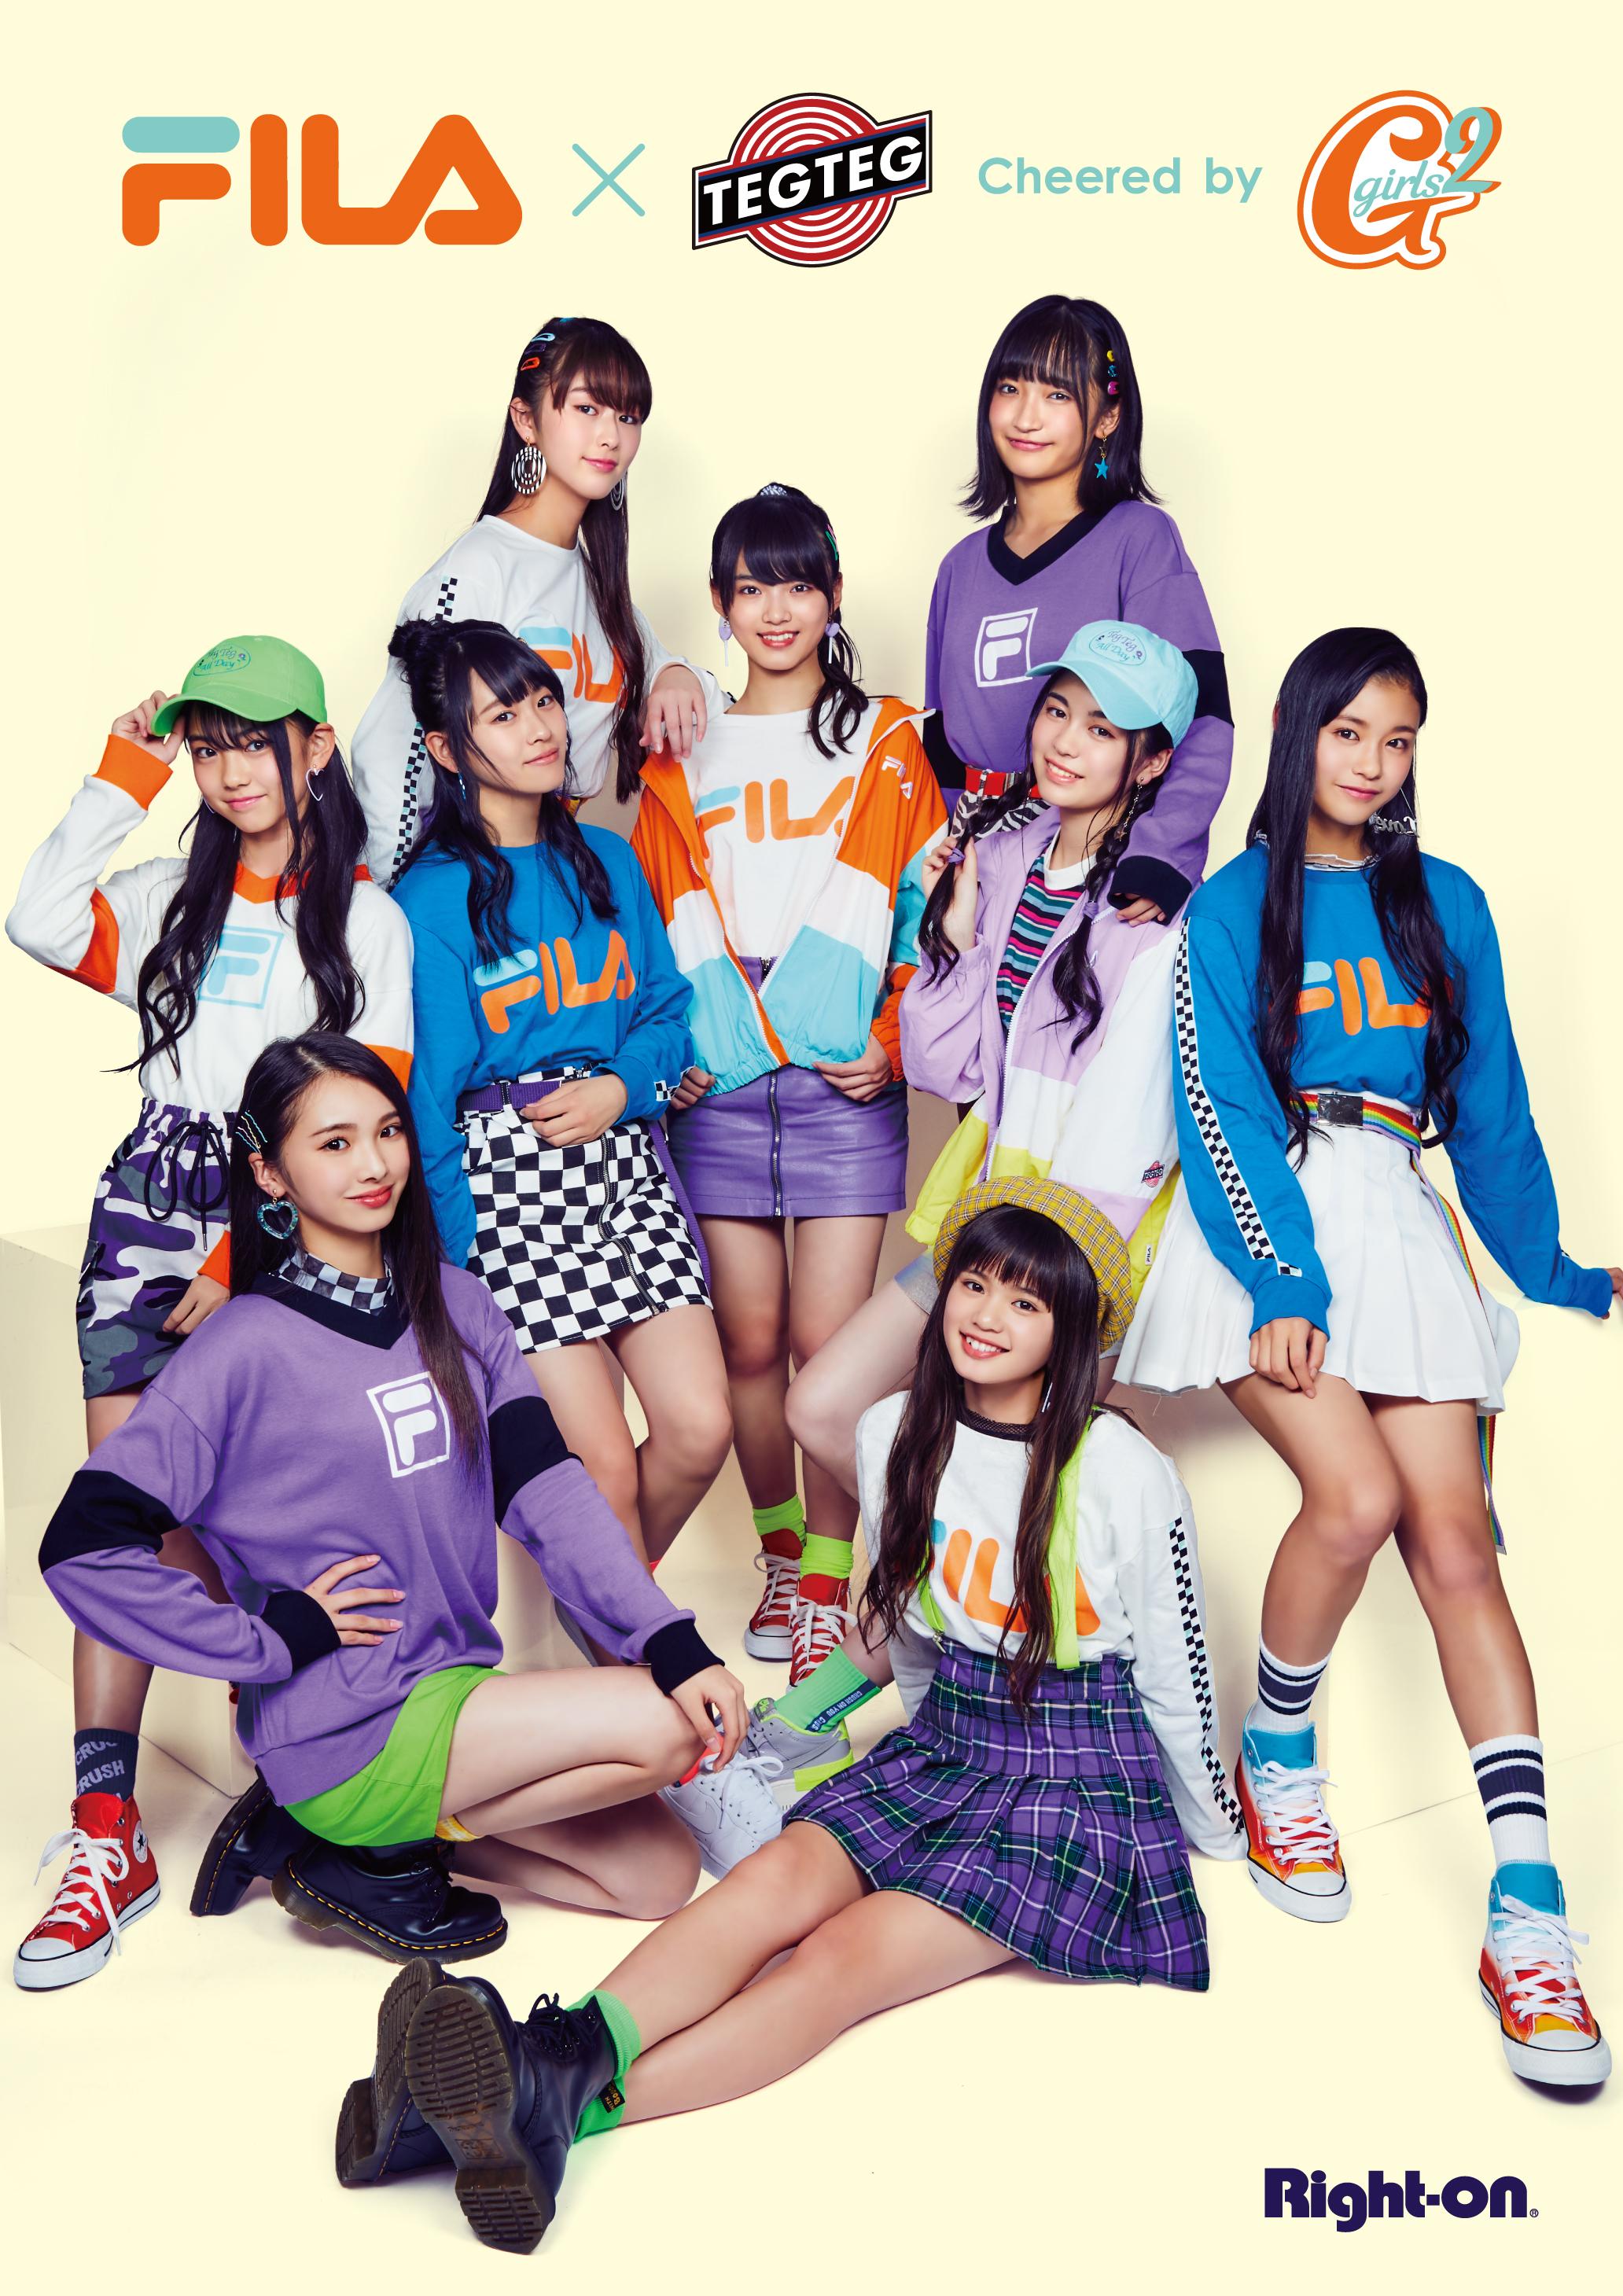 ライトオン FILA×TEG TEG cheered by Girls²の大人気キッズウェアが登場!:イメージ